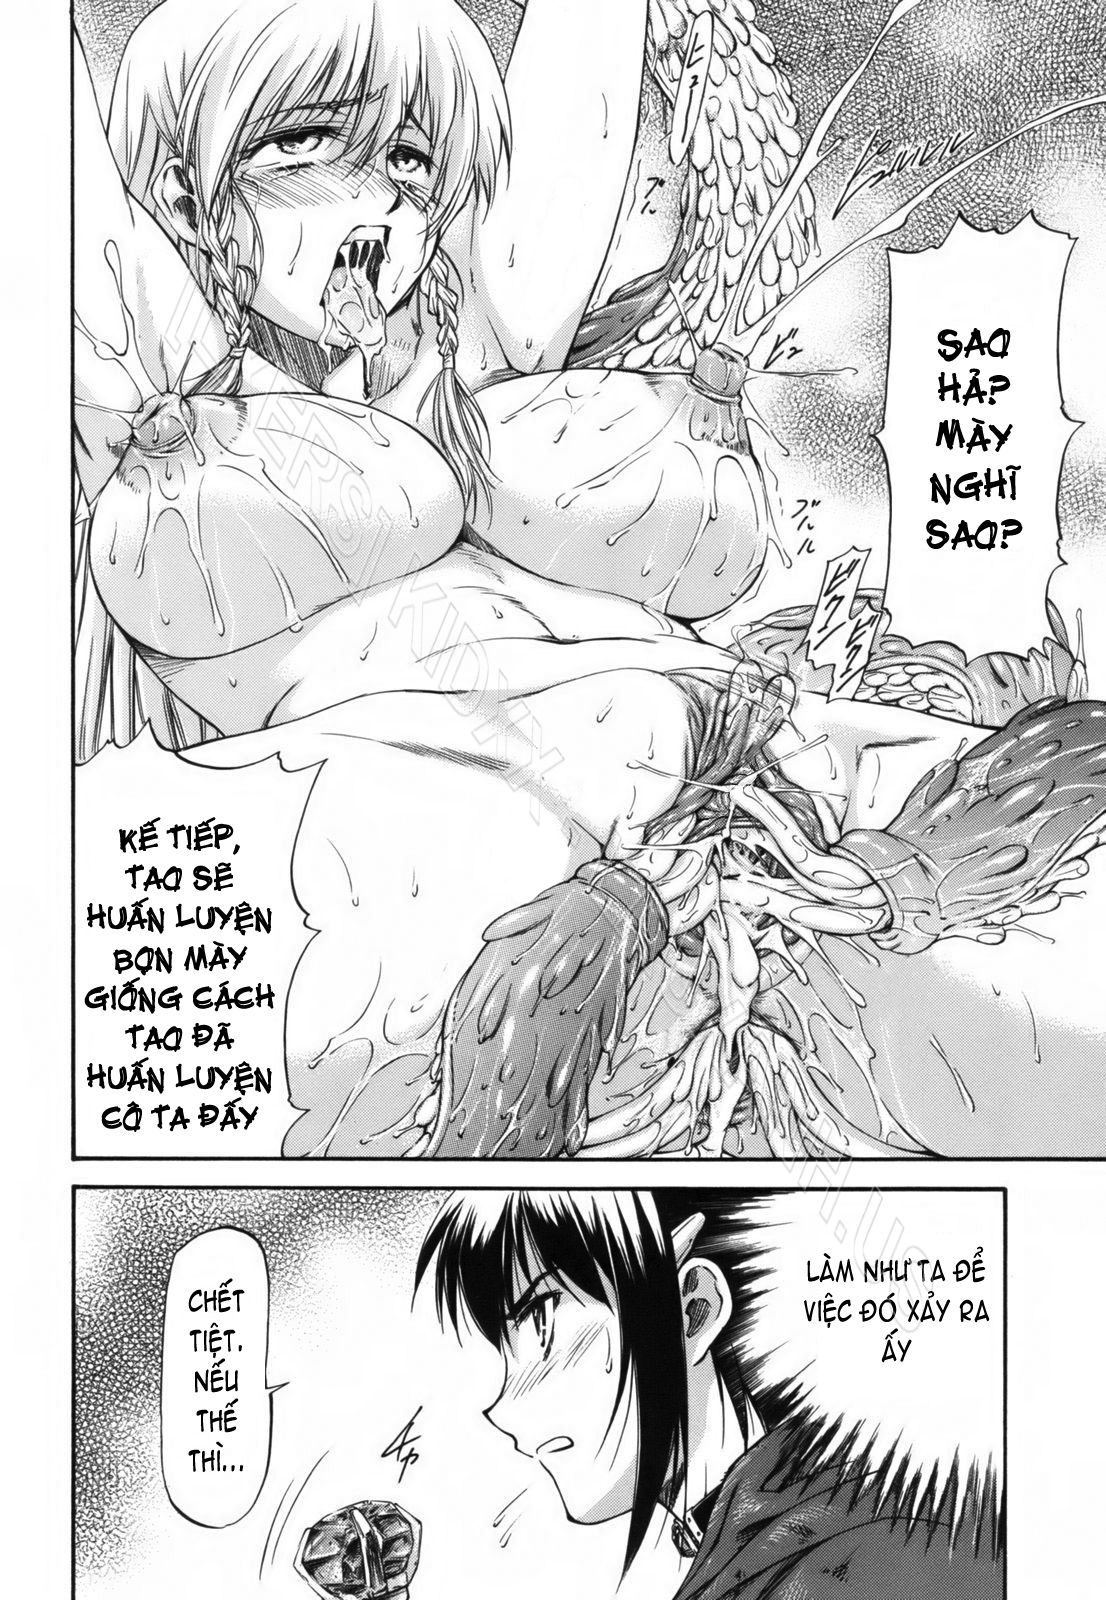 Hình ảnh Hinh_021 trong bài viết Truyện tranh hentai không che: Parabellum